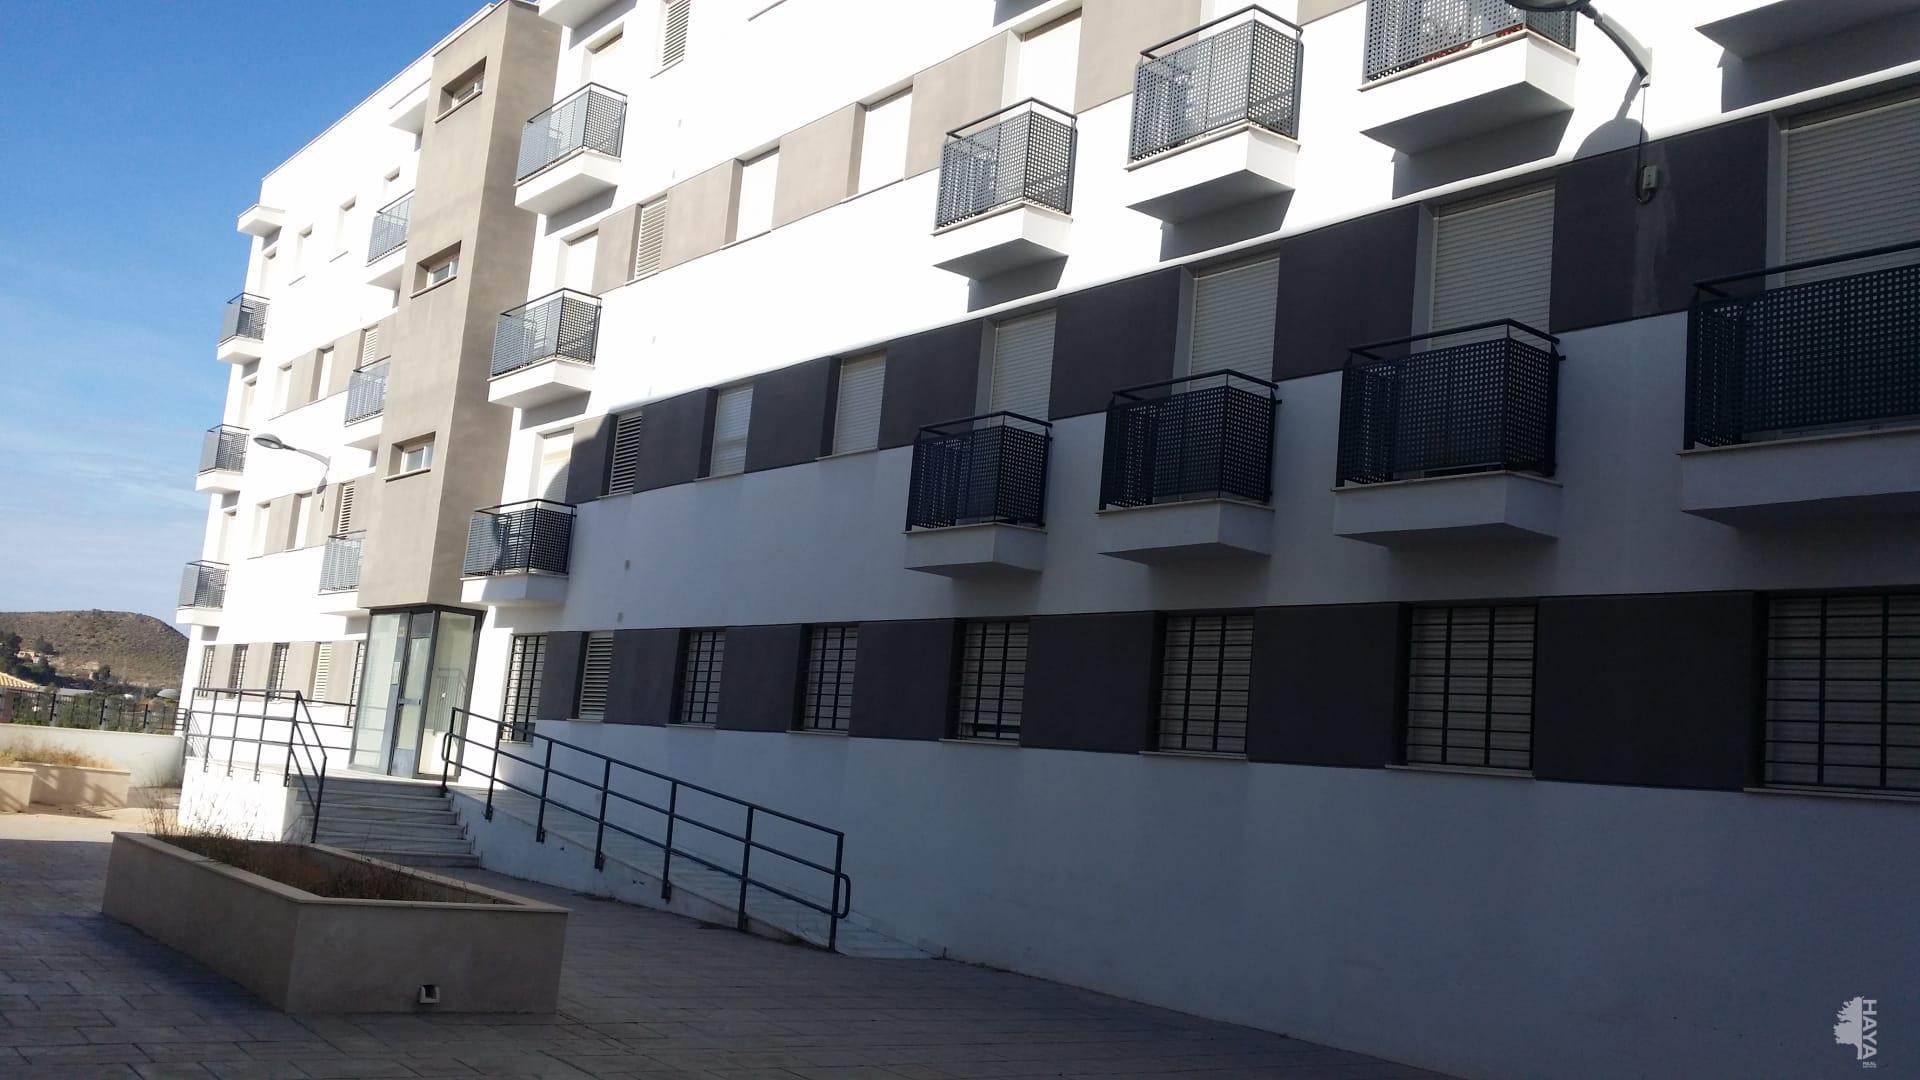 Piso en venta en Olula del Río, Almería, Calle Alta, 63.400 €, 3 habitaciones, 1 baño, 95 m2